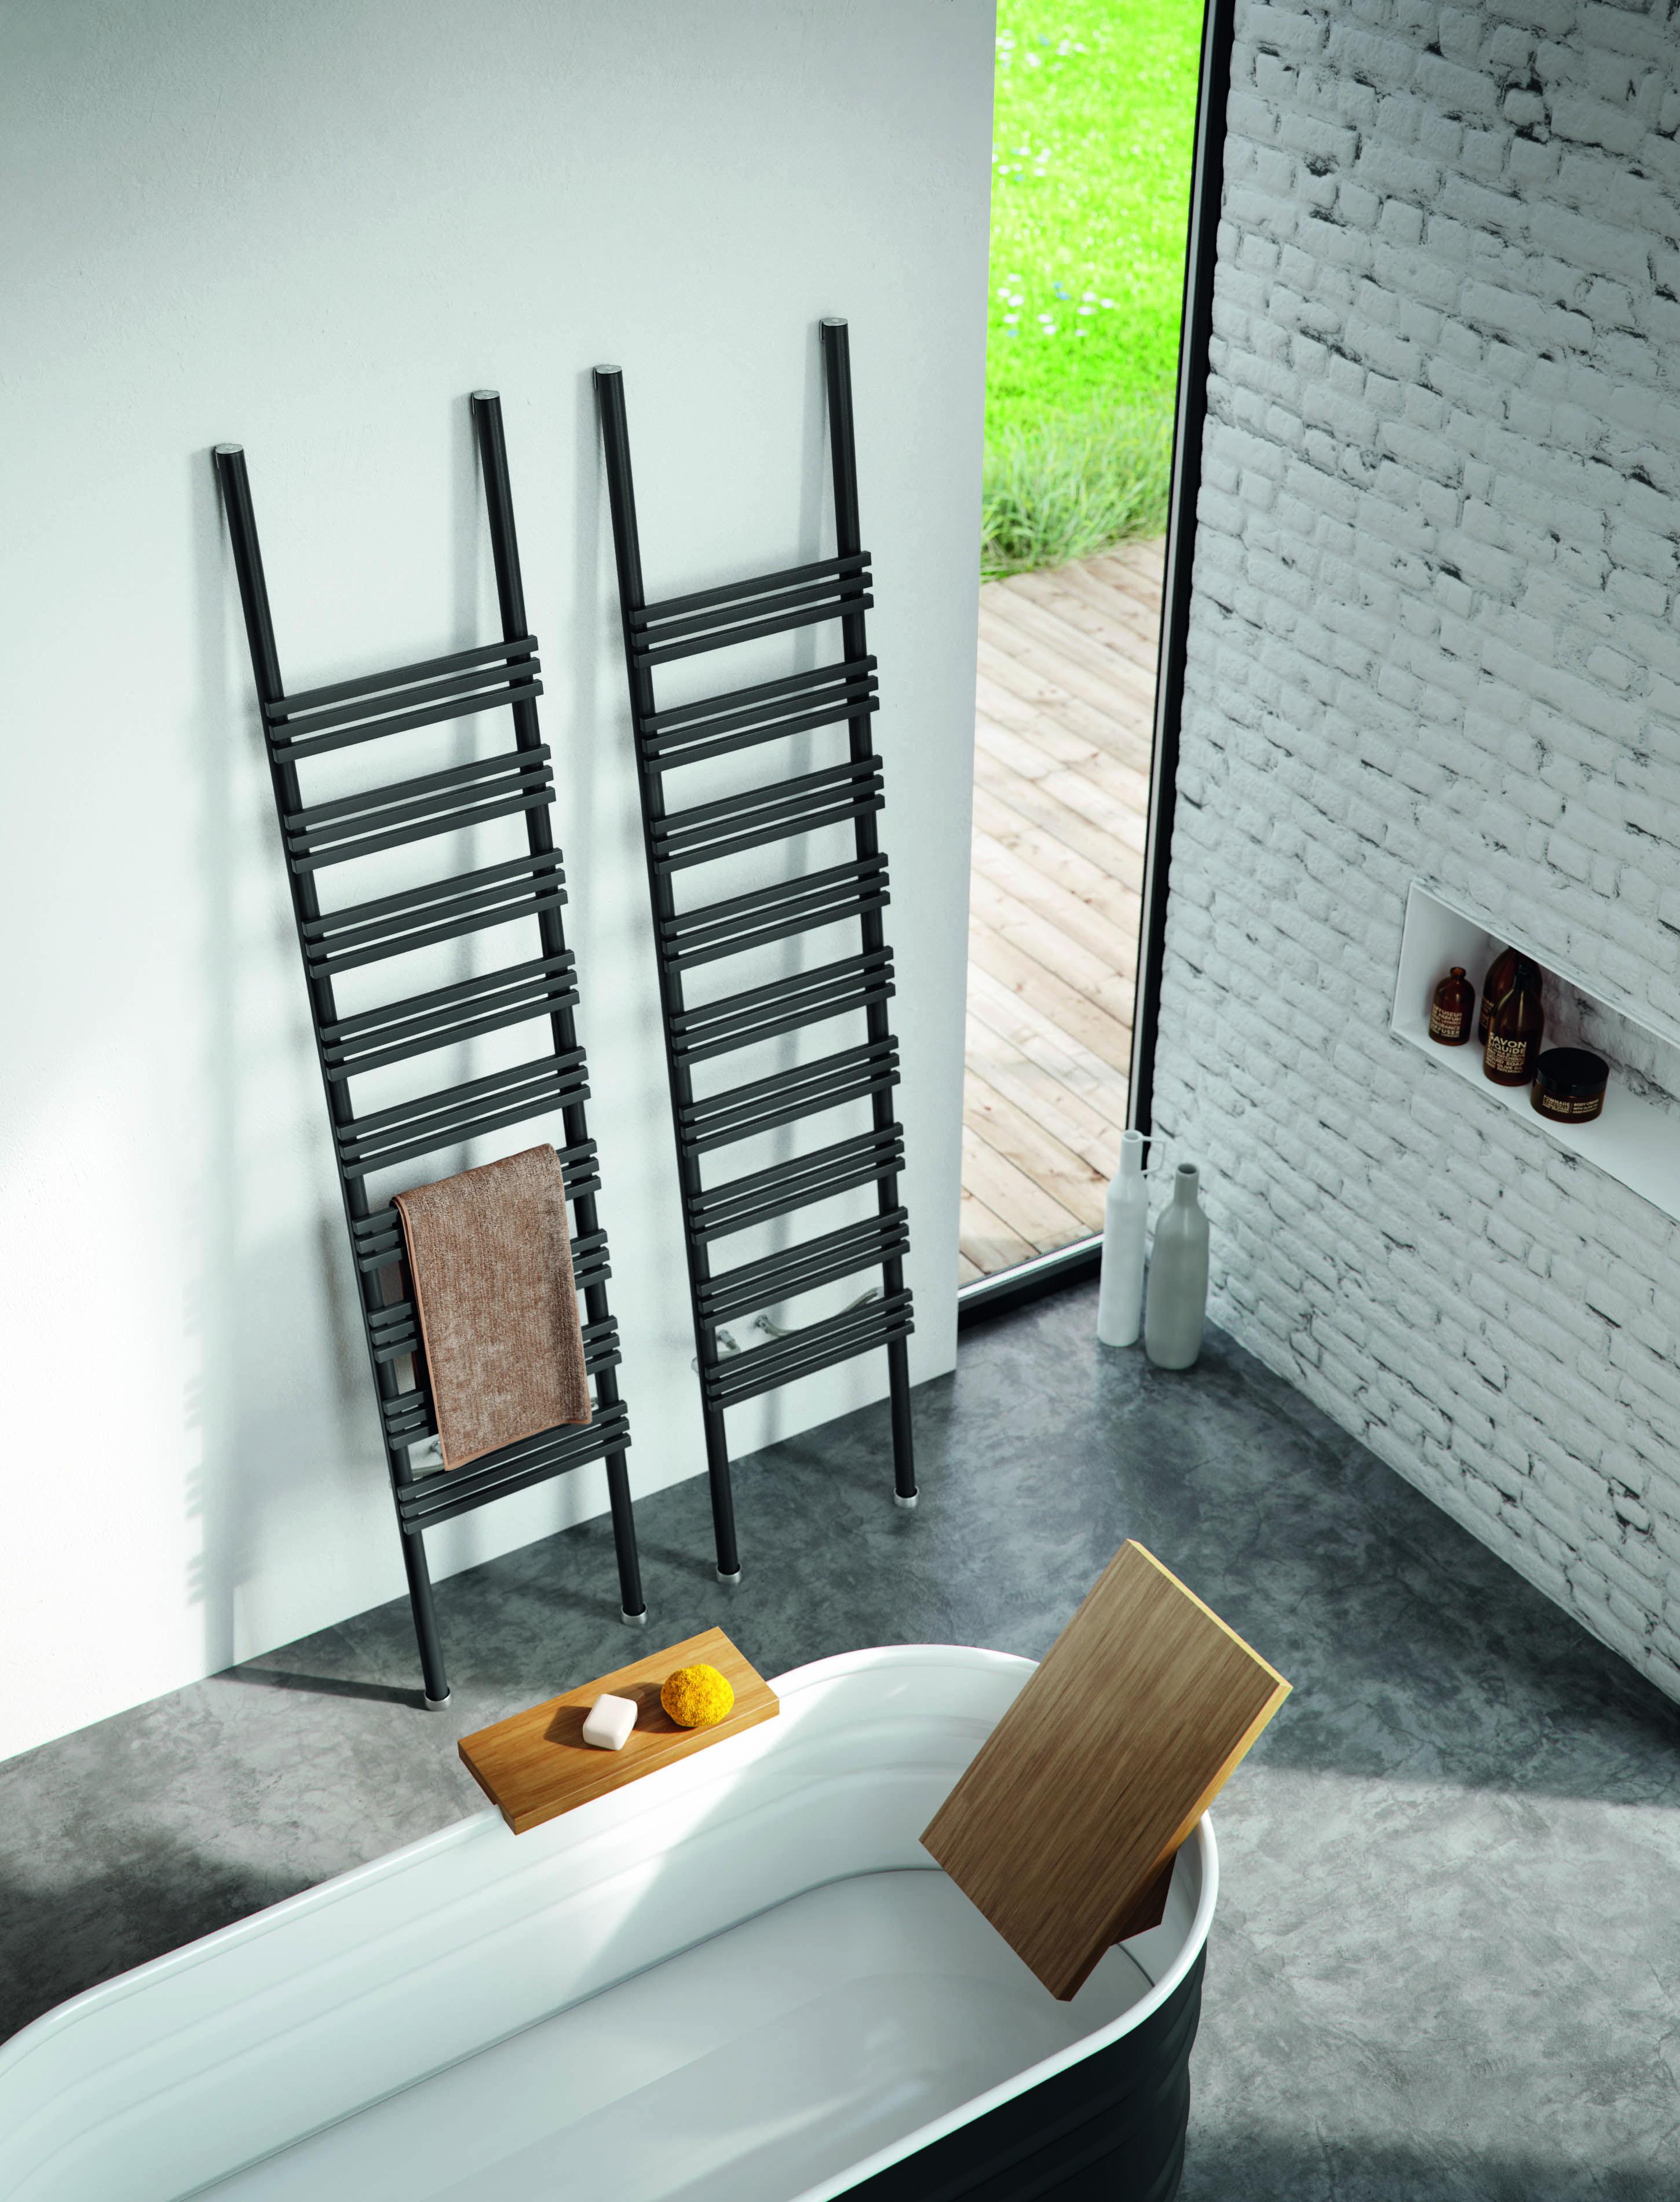 badkamer design radiatoren instamat iskol +/- €1000,- kleinste maat ...